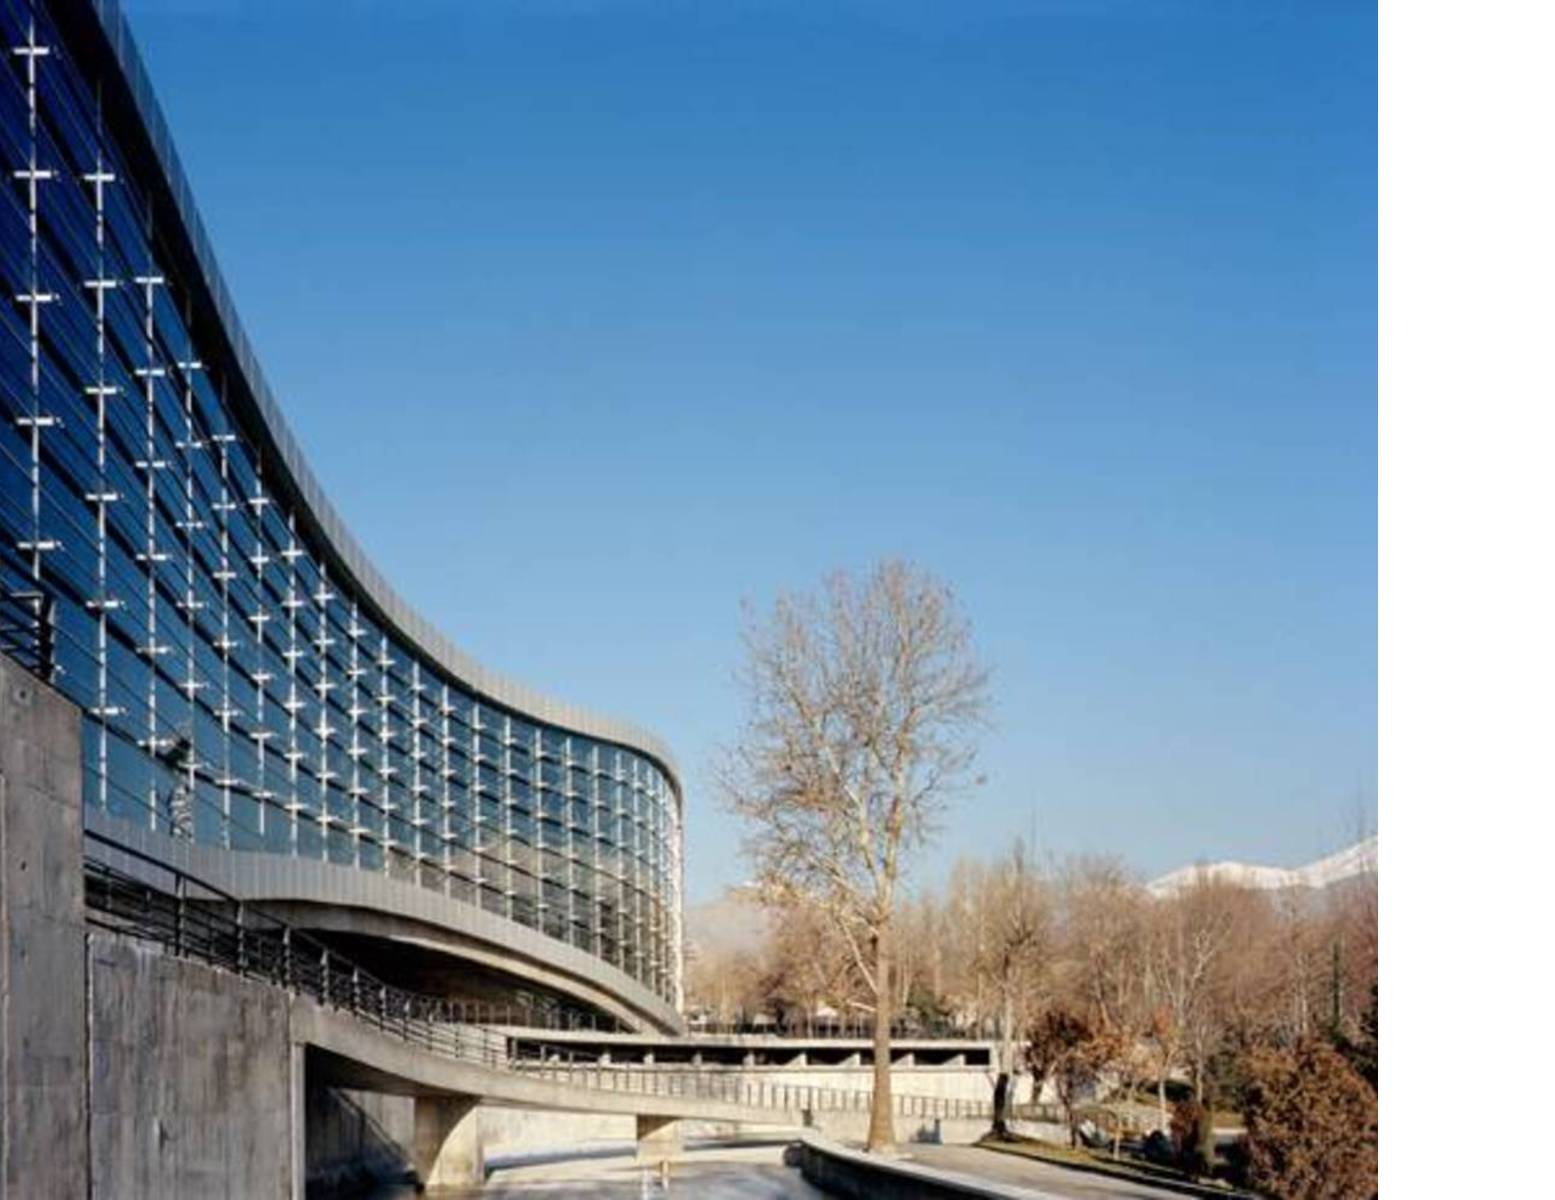 Scorcio sul complesso in cemento e vetro, Ph. Ali Daghigh